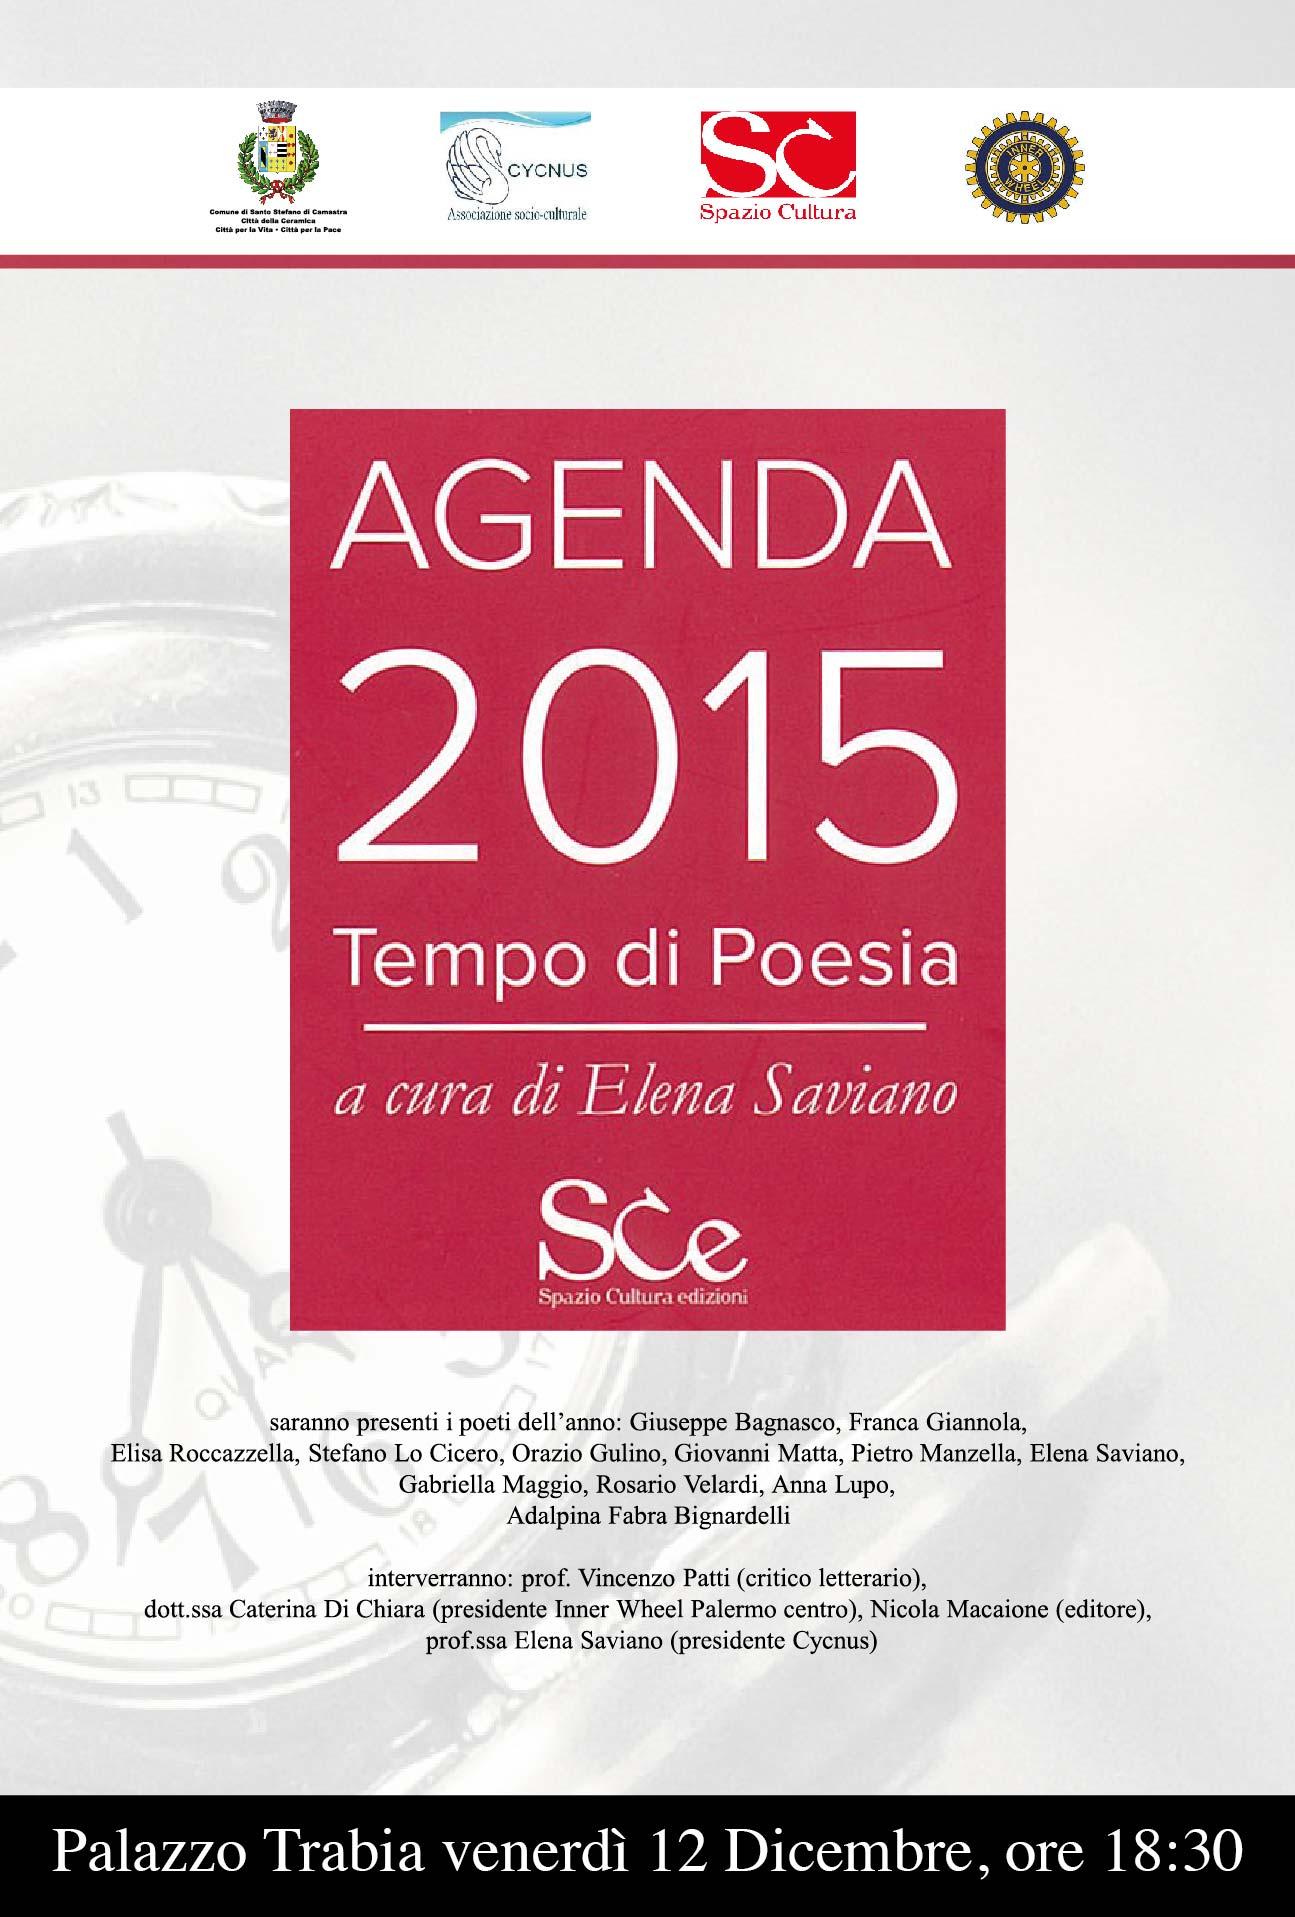 AGENDA 2015 TEMPO DI POESIA